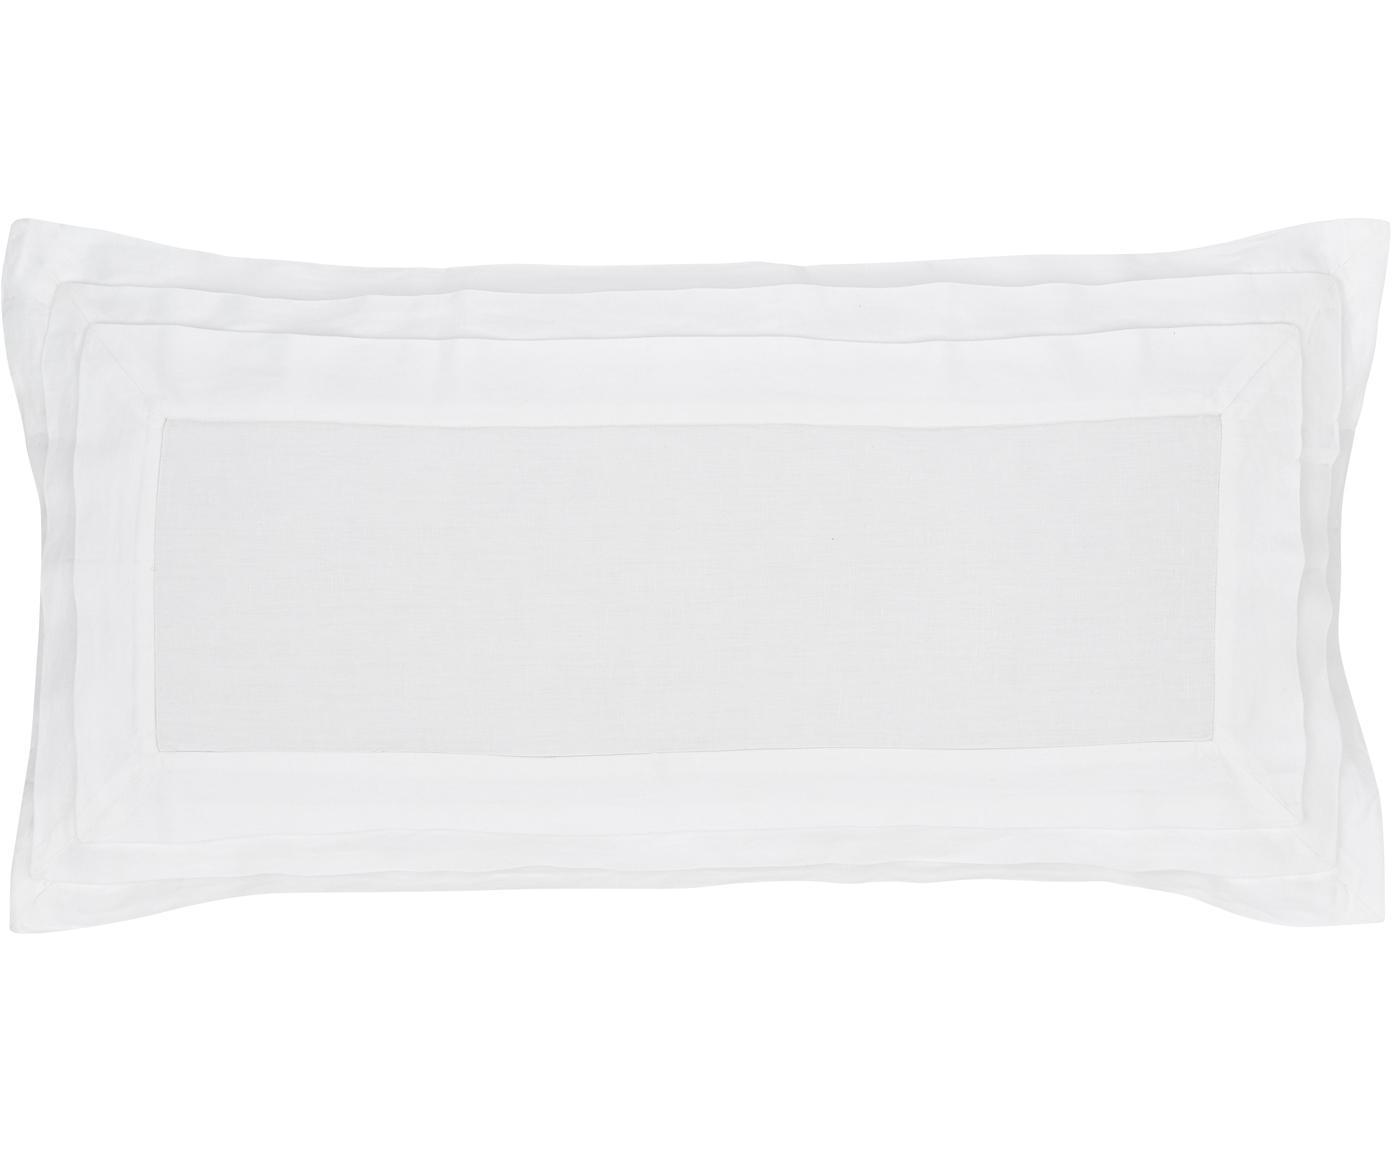 Poszewka na poduszkę z lnu z efektem sprania Helena, 2 szt., Pół len (52% len, 48% bawełna) Efekt Stonewash, Biały, S 40 x D 80 cm